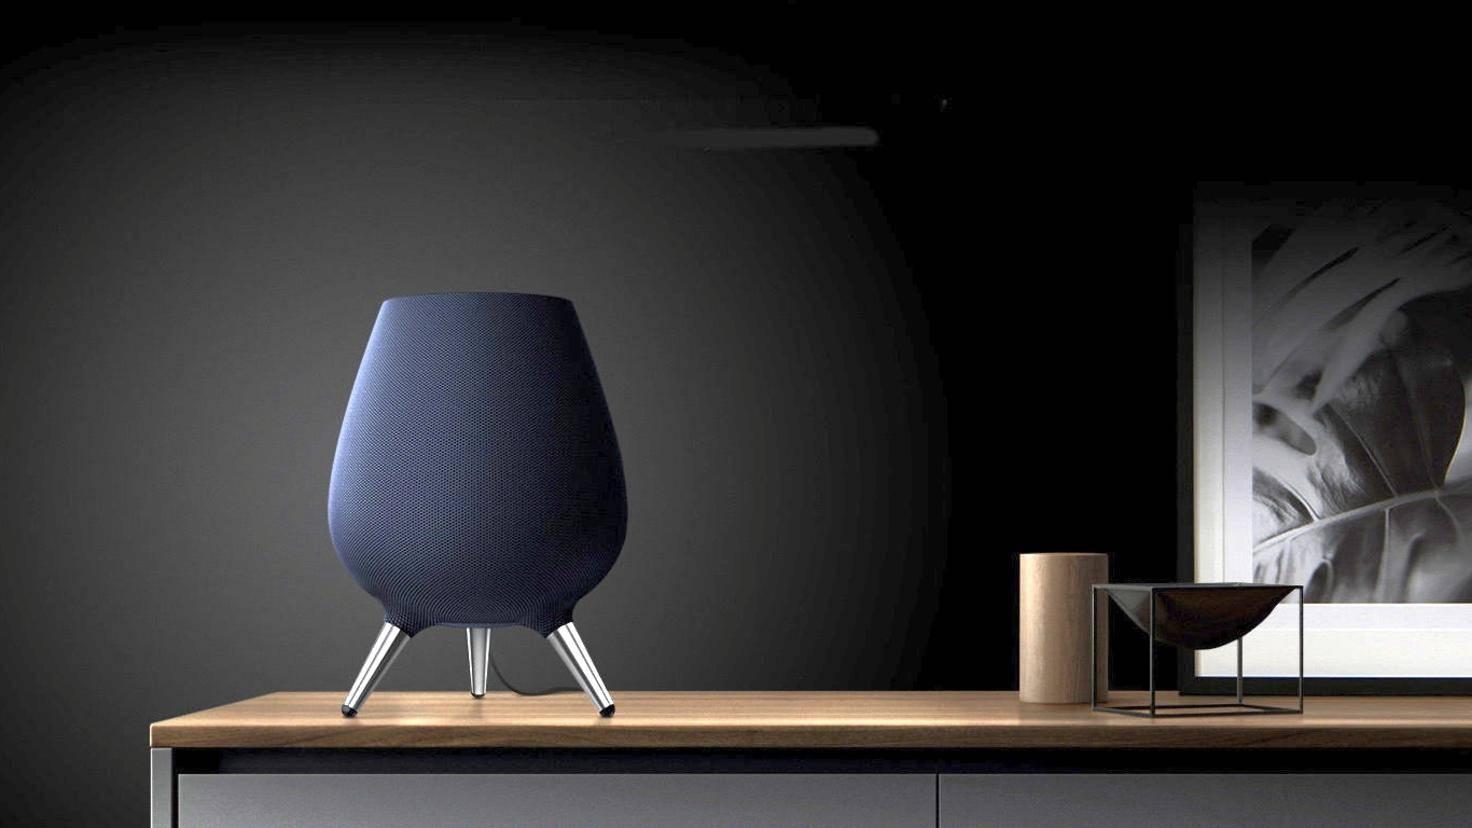 Galaxy-Home-Smart-Speaker-Samsung